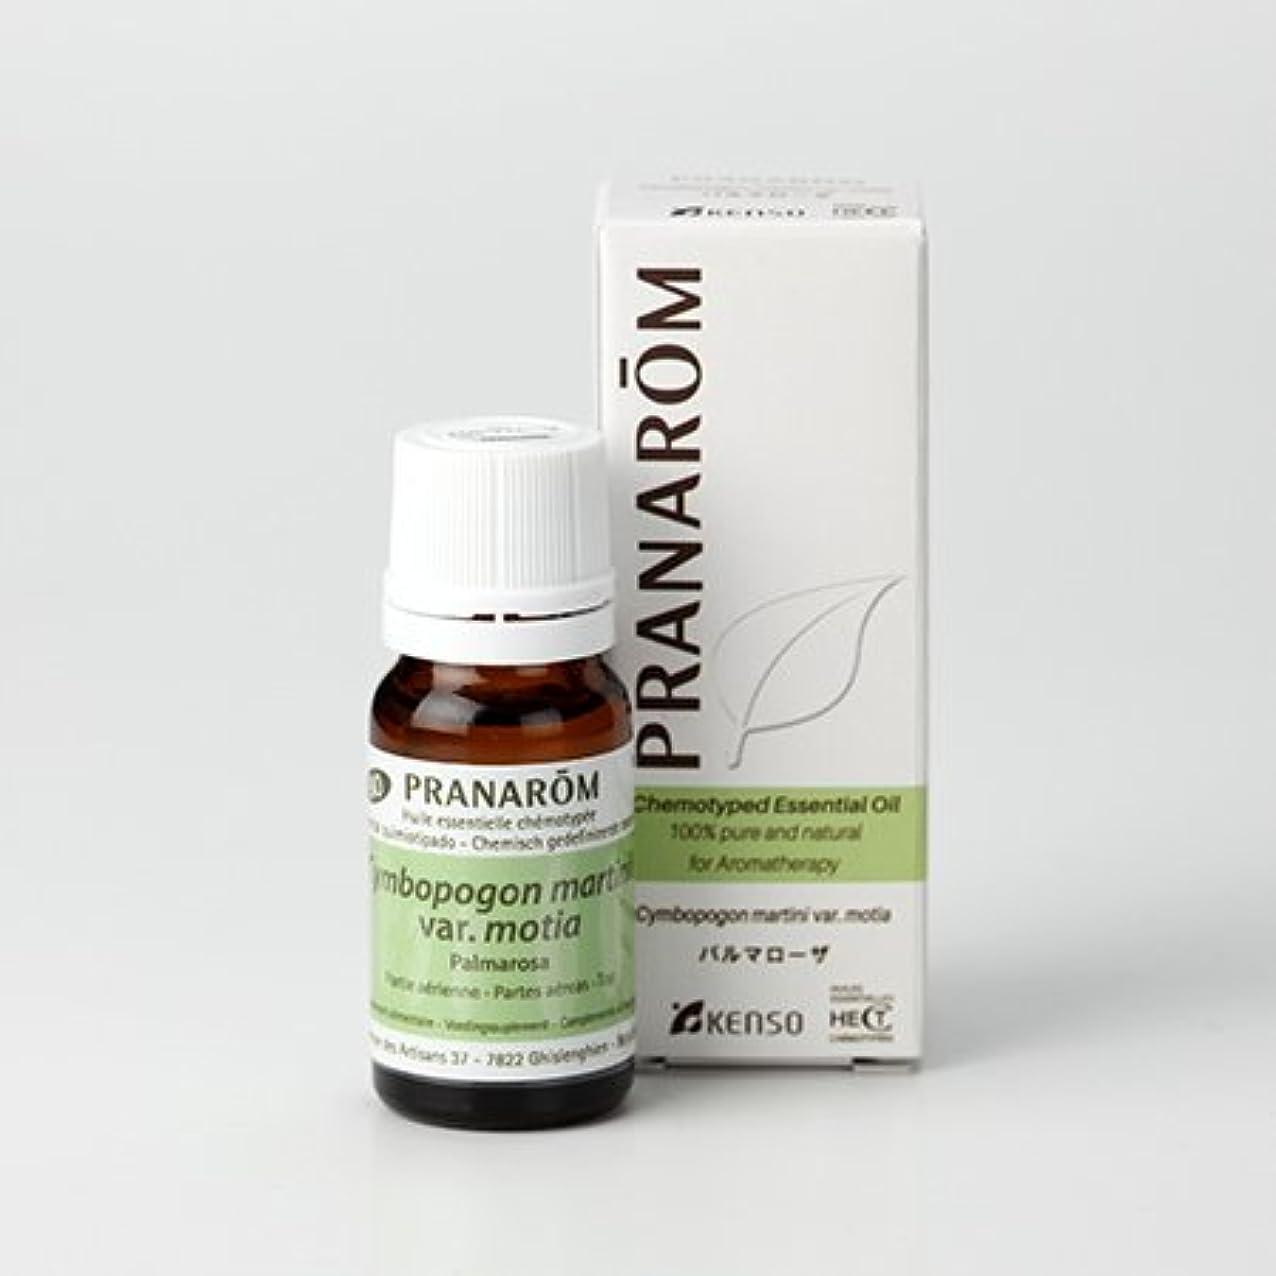 一流協同アイデアプラナロム ( PRANAROM ) 精油 パルマローザ 10ml p-59